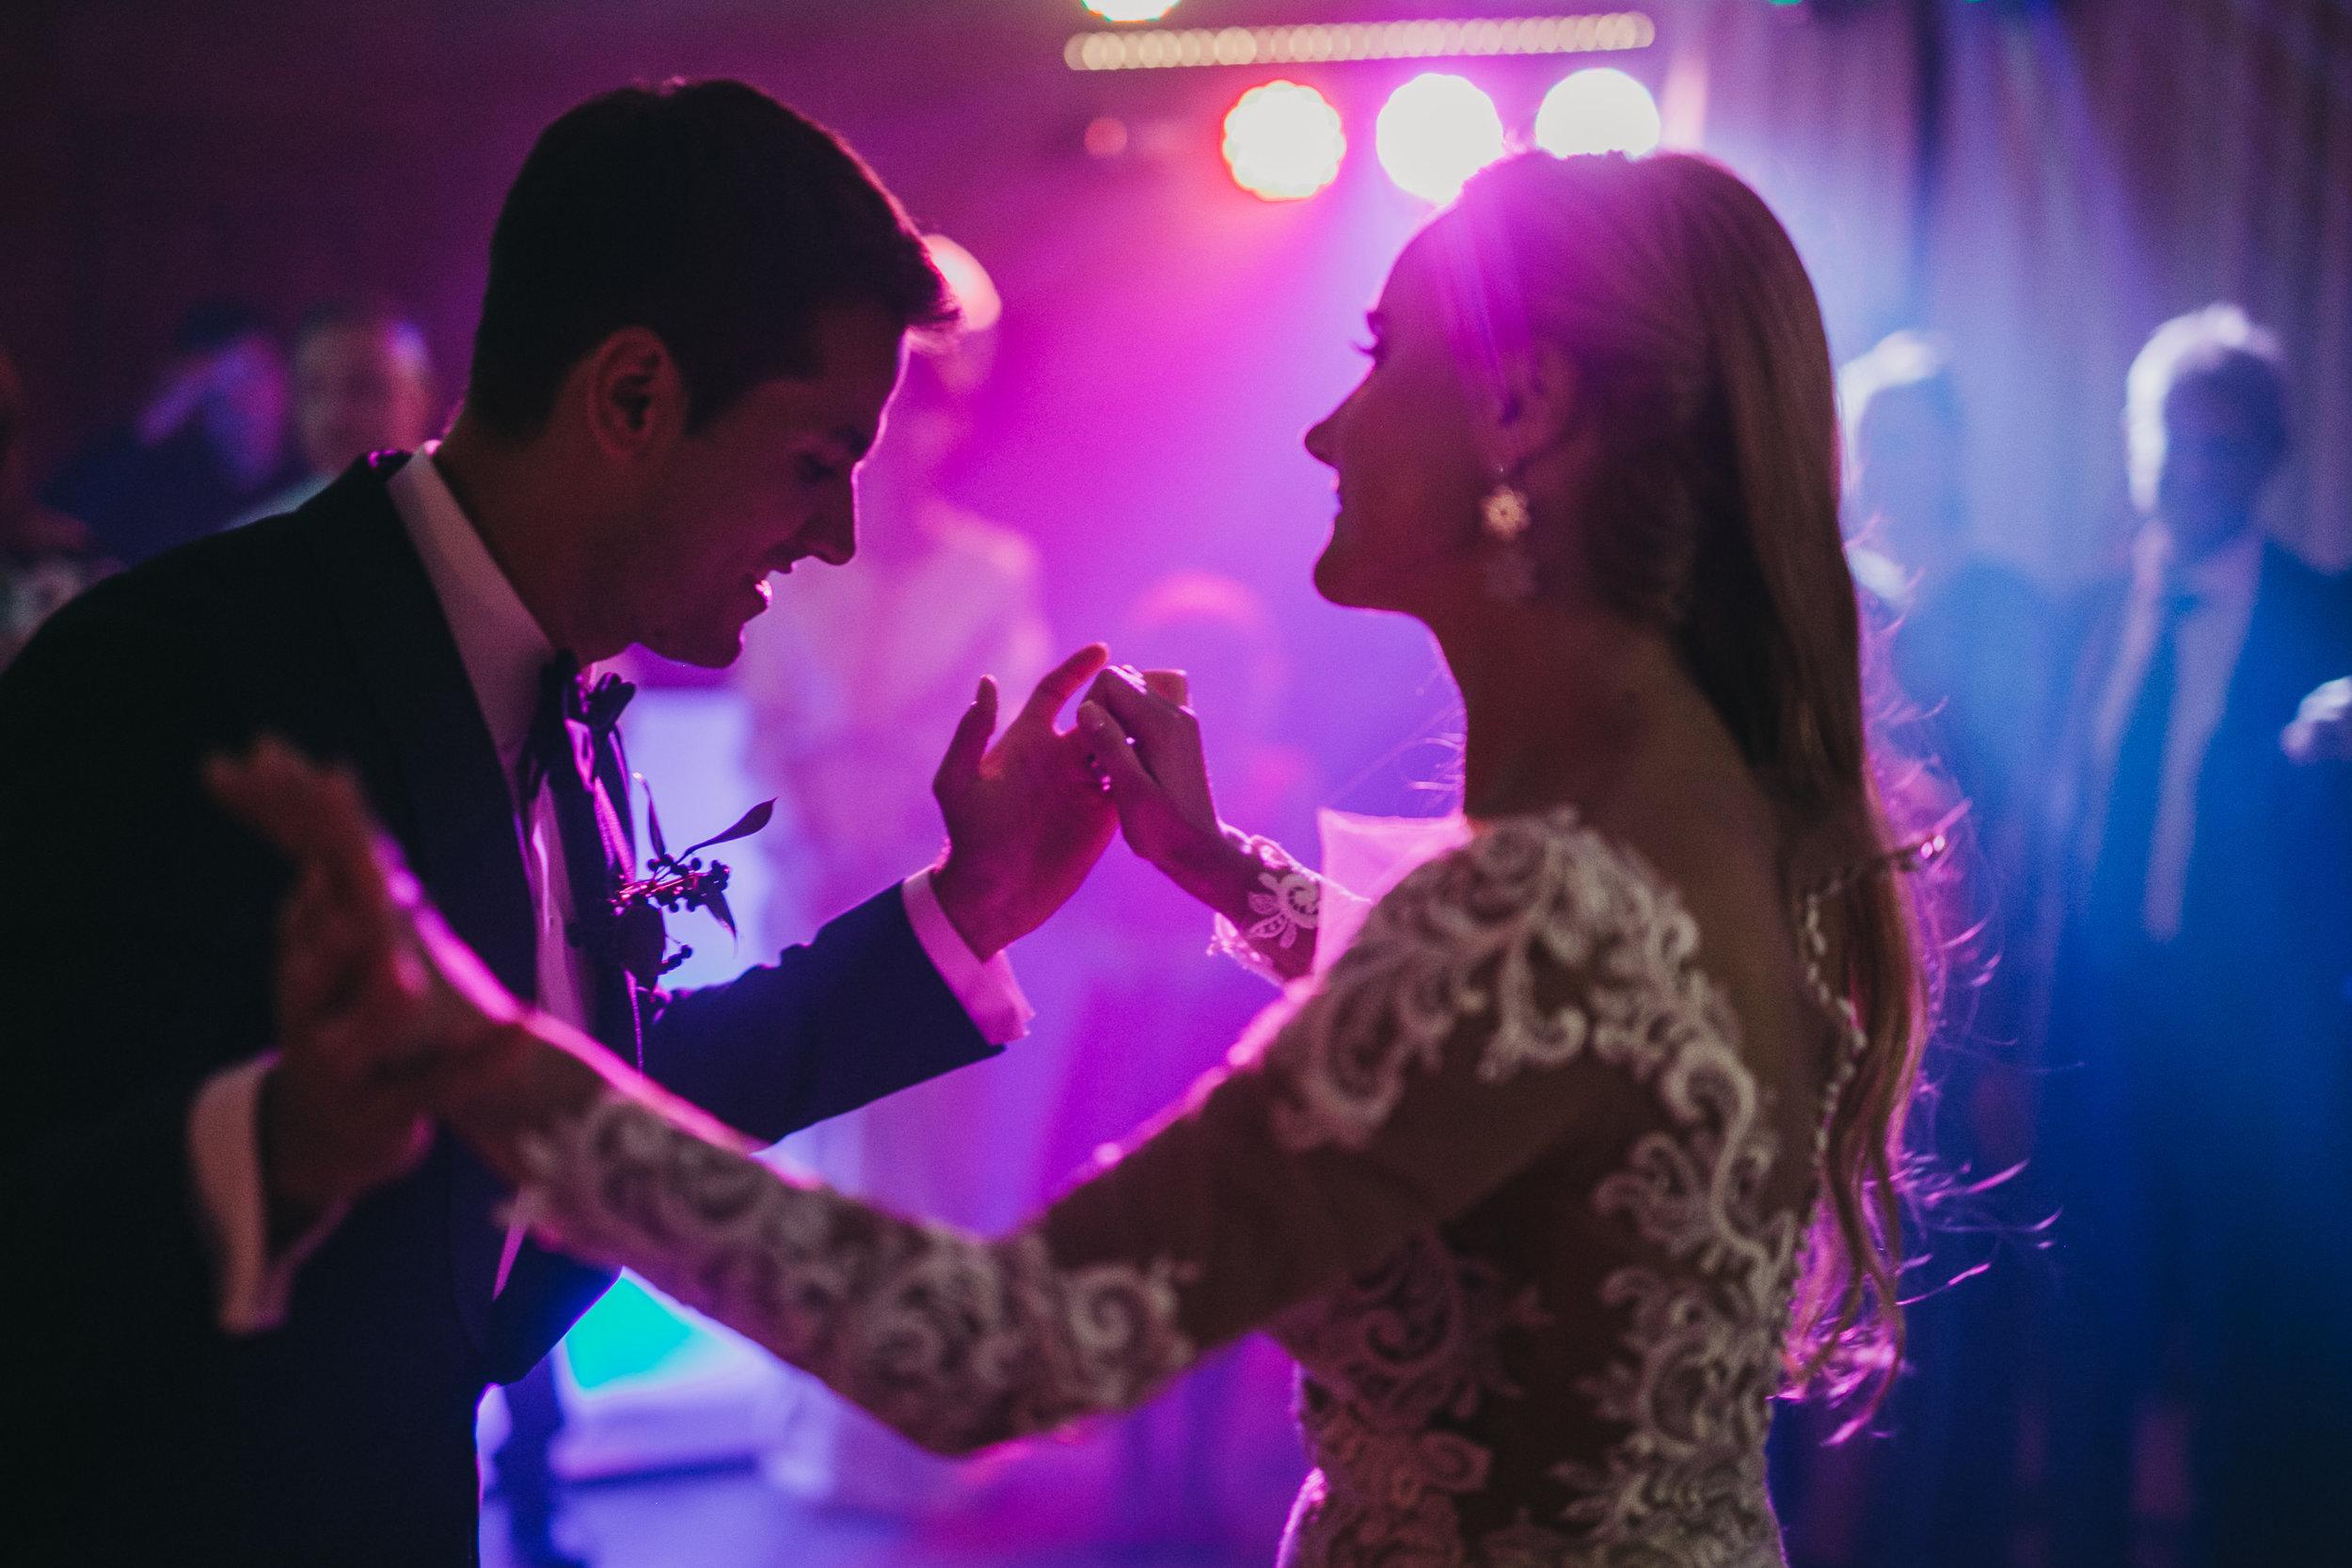 Fotografo de bodas españa serafin castillo wedding photographer spain 025.jpg